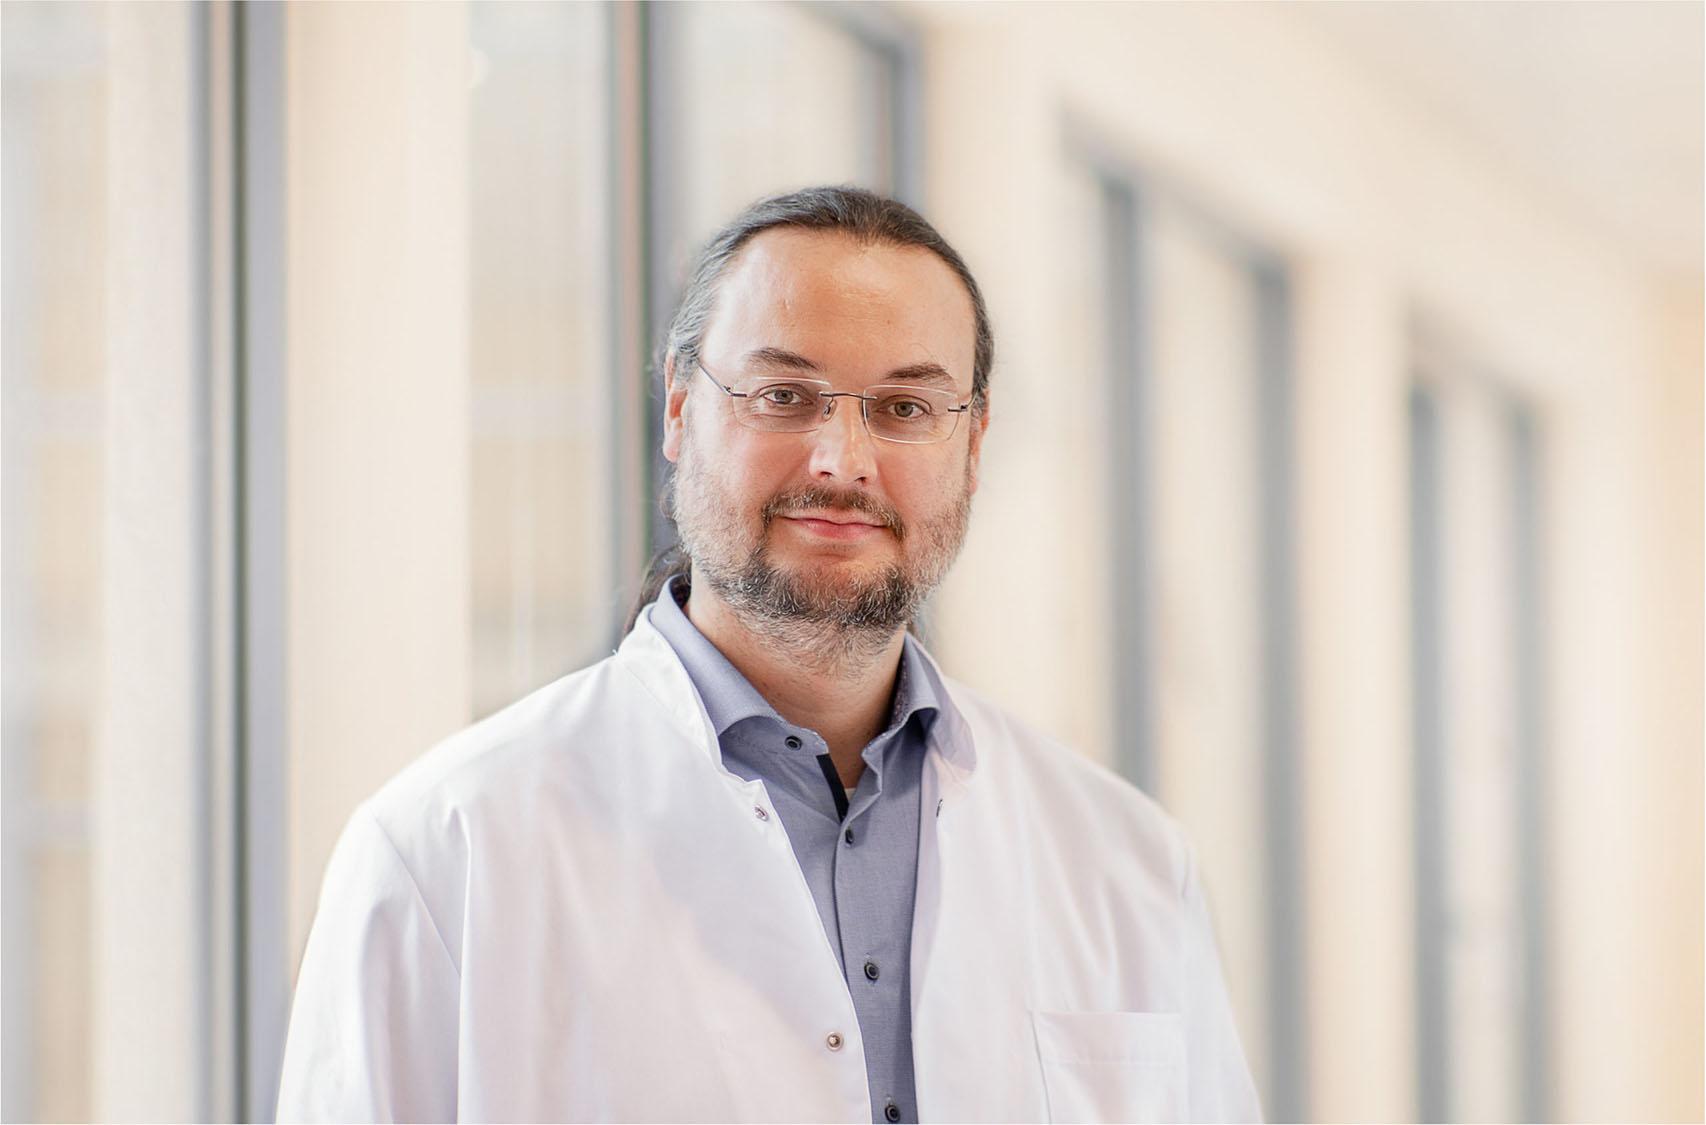 Prof. Dr. med. Martin Walter